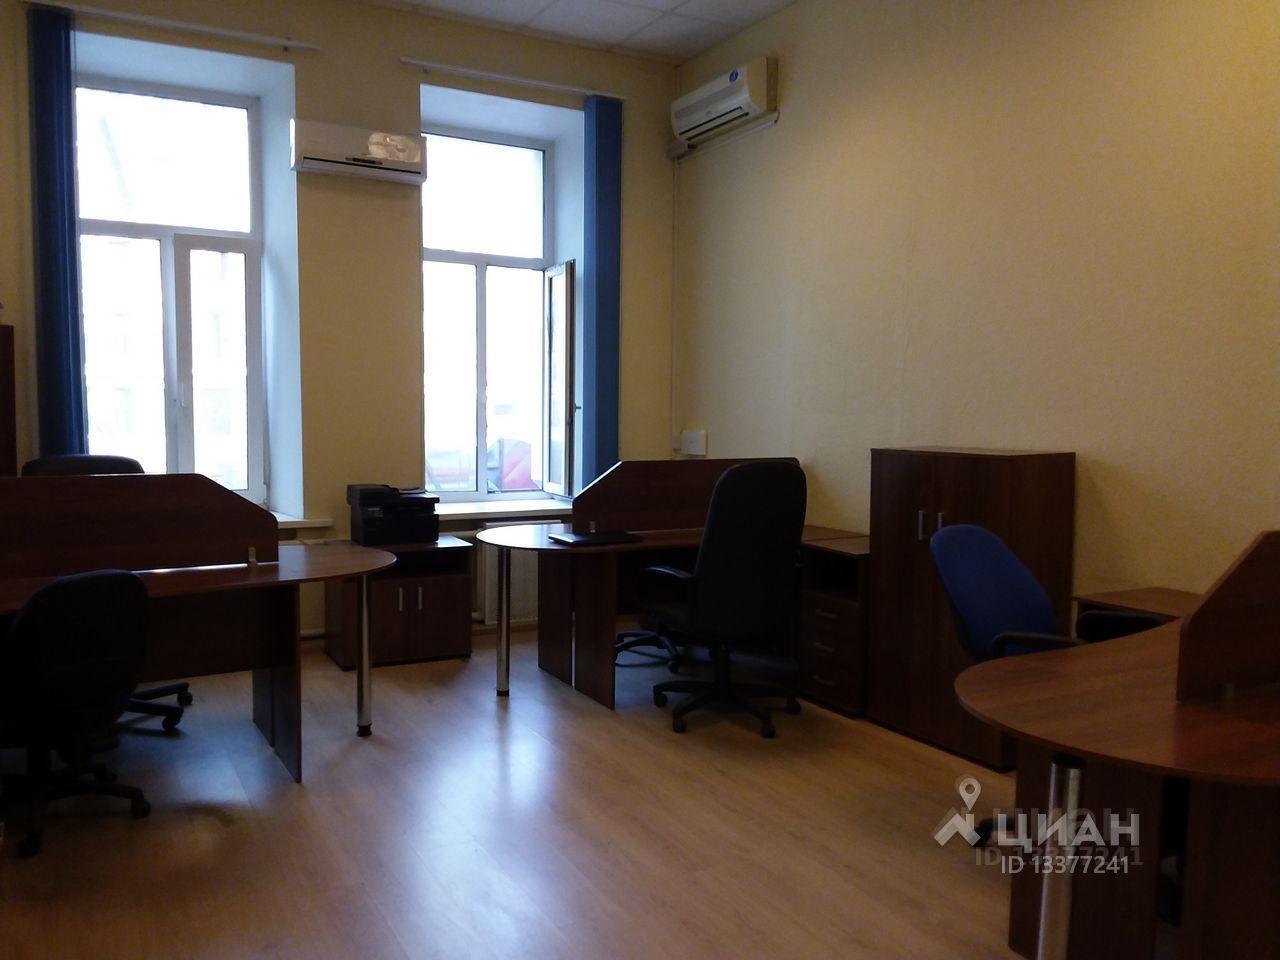 Аренда офисов в москве м.павелецкая аренда офиса очень дешево 10 м